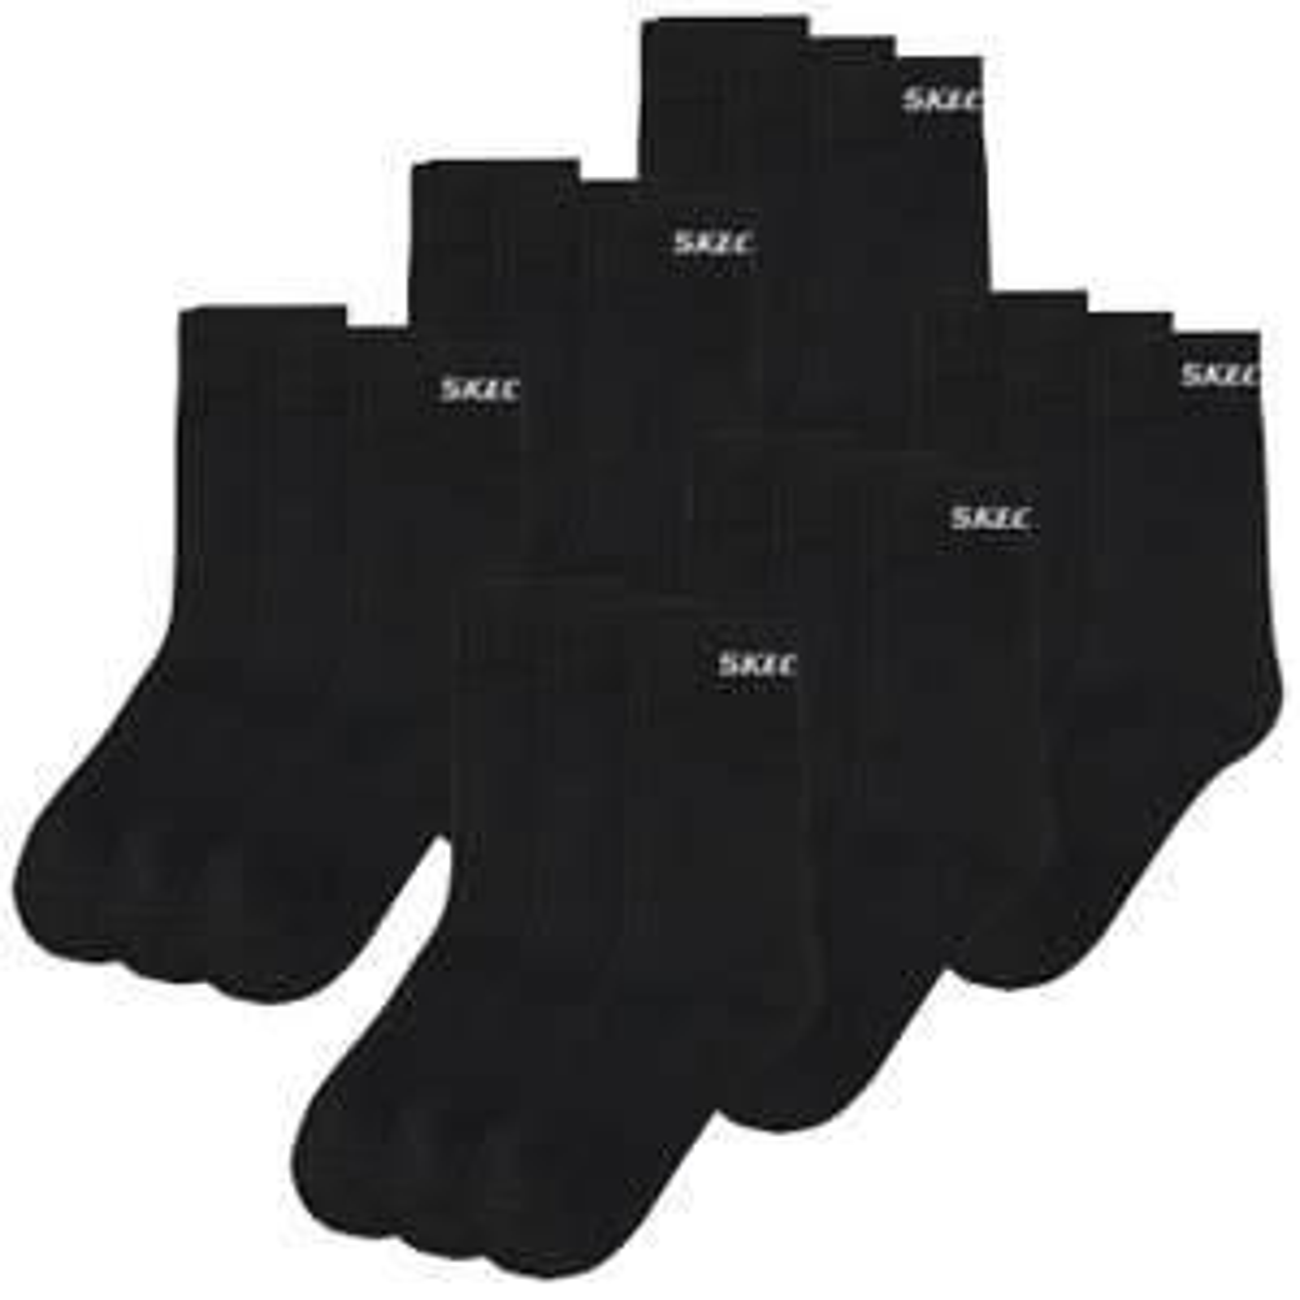 18 Paar unisex Skechers Socken (Quarter oder Normal) in verschiedenen Farben (Gr. 35-49) für 19,99€ + 3,90€ Versand oder 36 Paar für 39,98€